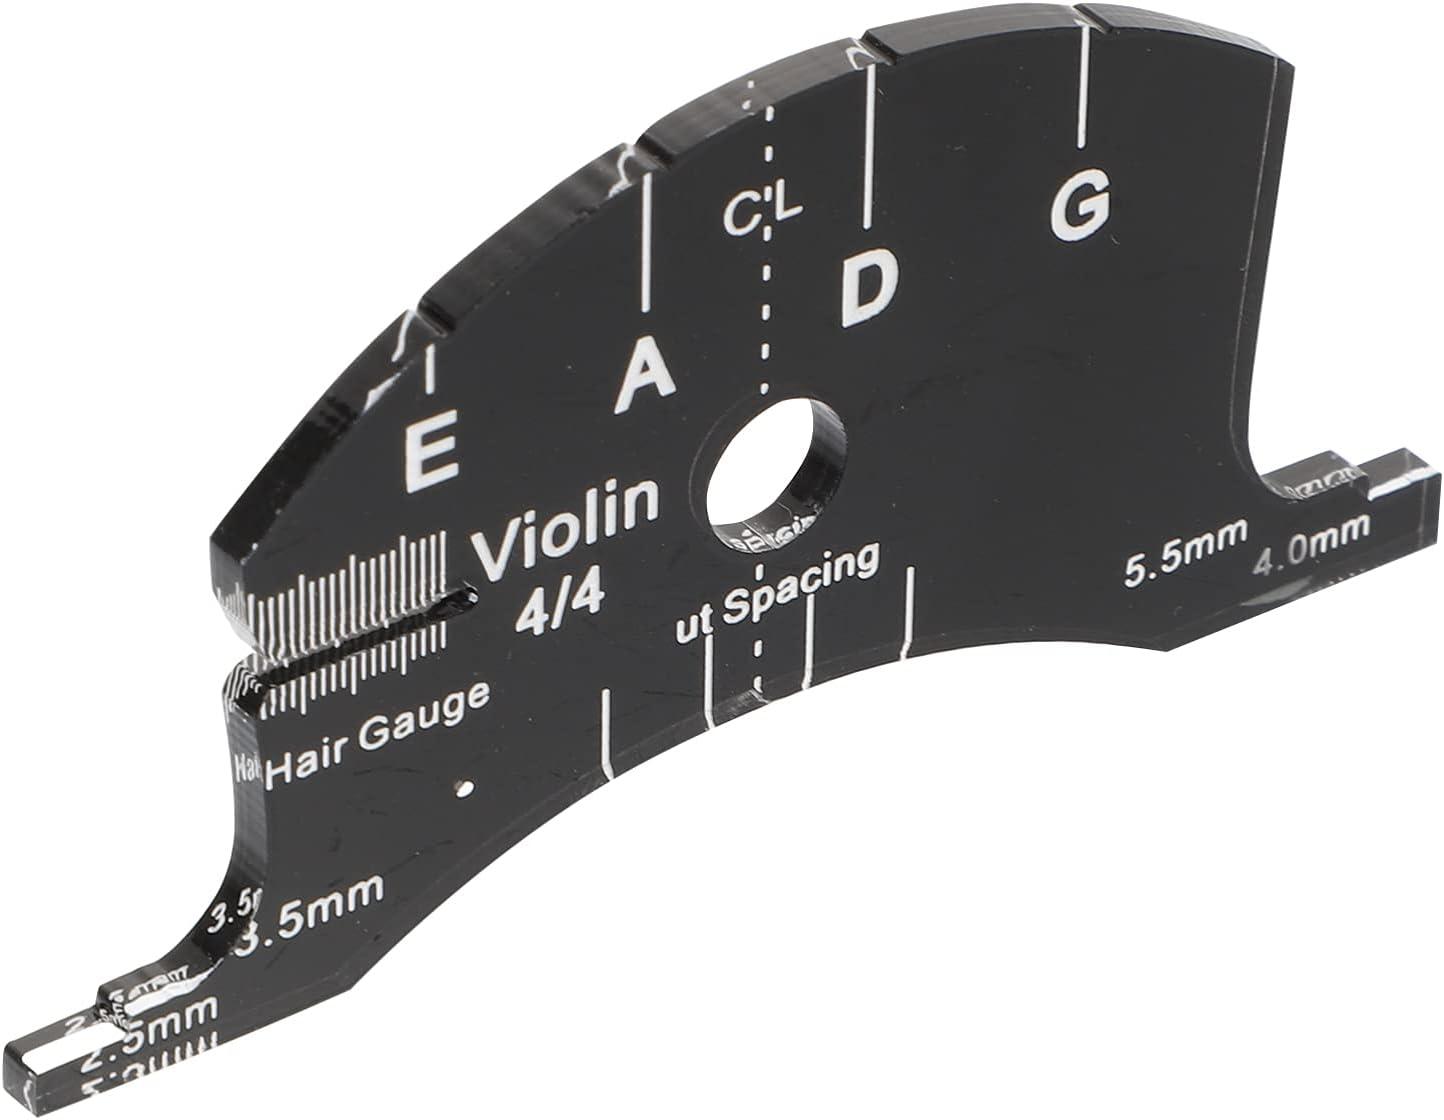 generic Violin Max 40% OFF Bridge Parts Store Repair Reference Tools